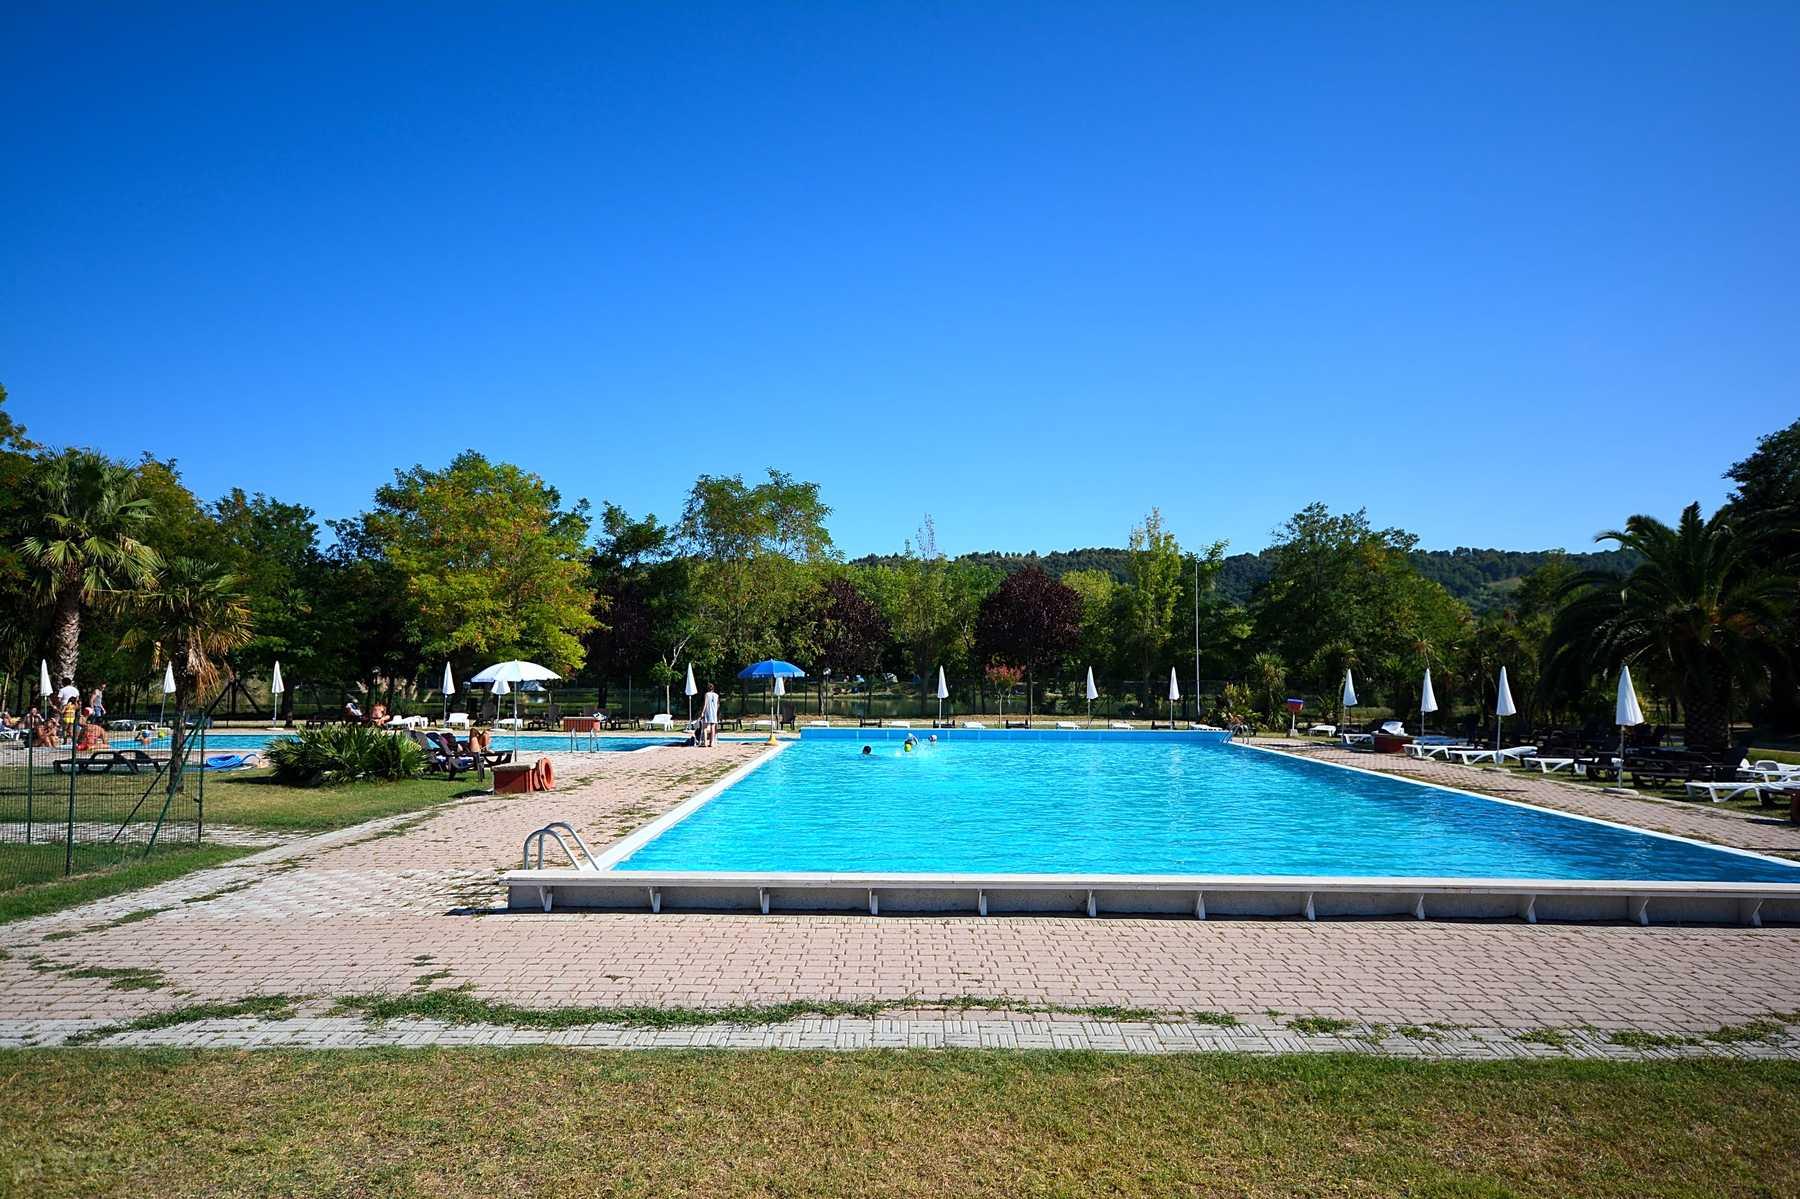 Precede Sun Nei Calendario Inglesi.Centro Vacanze Garden River Altidona Prezzi Aggiornati